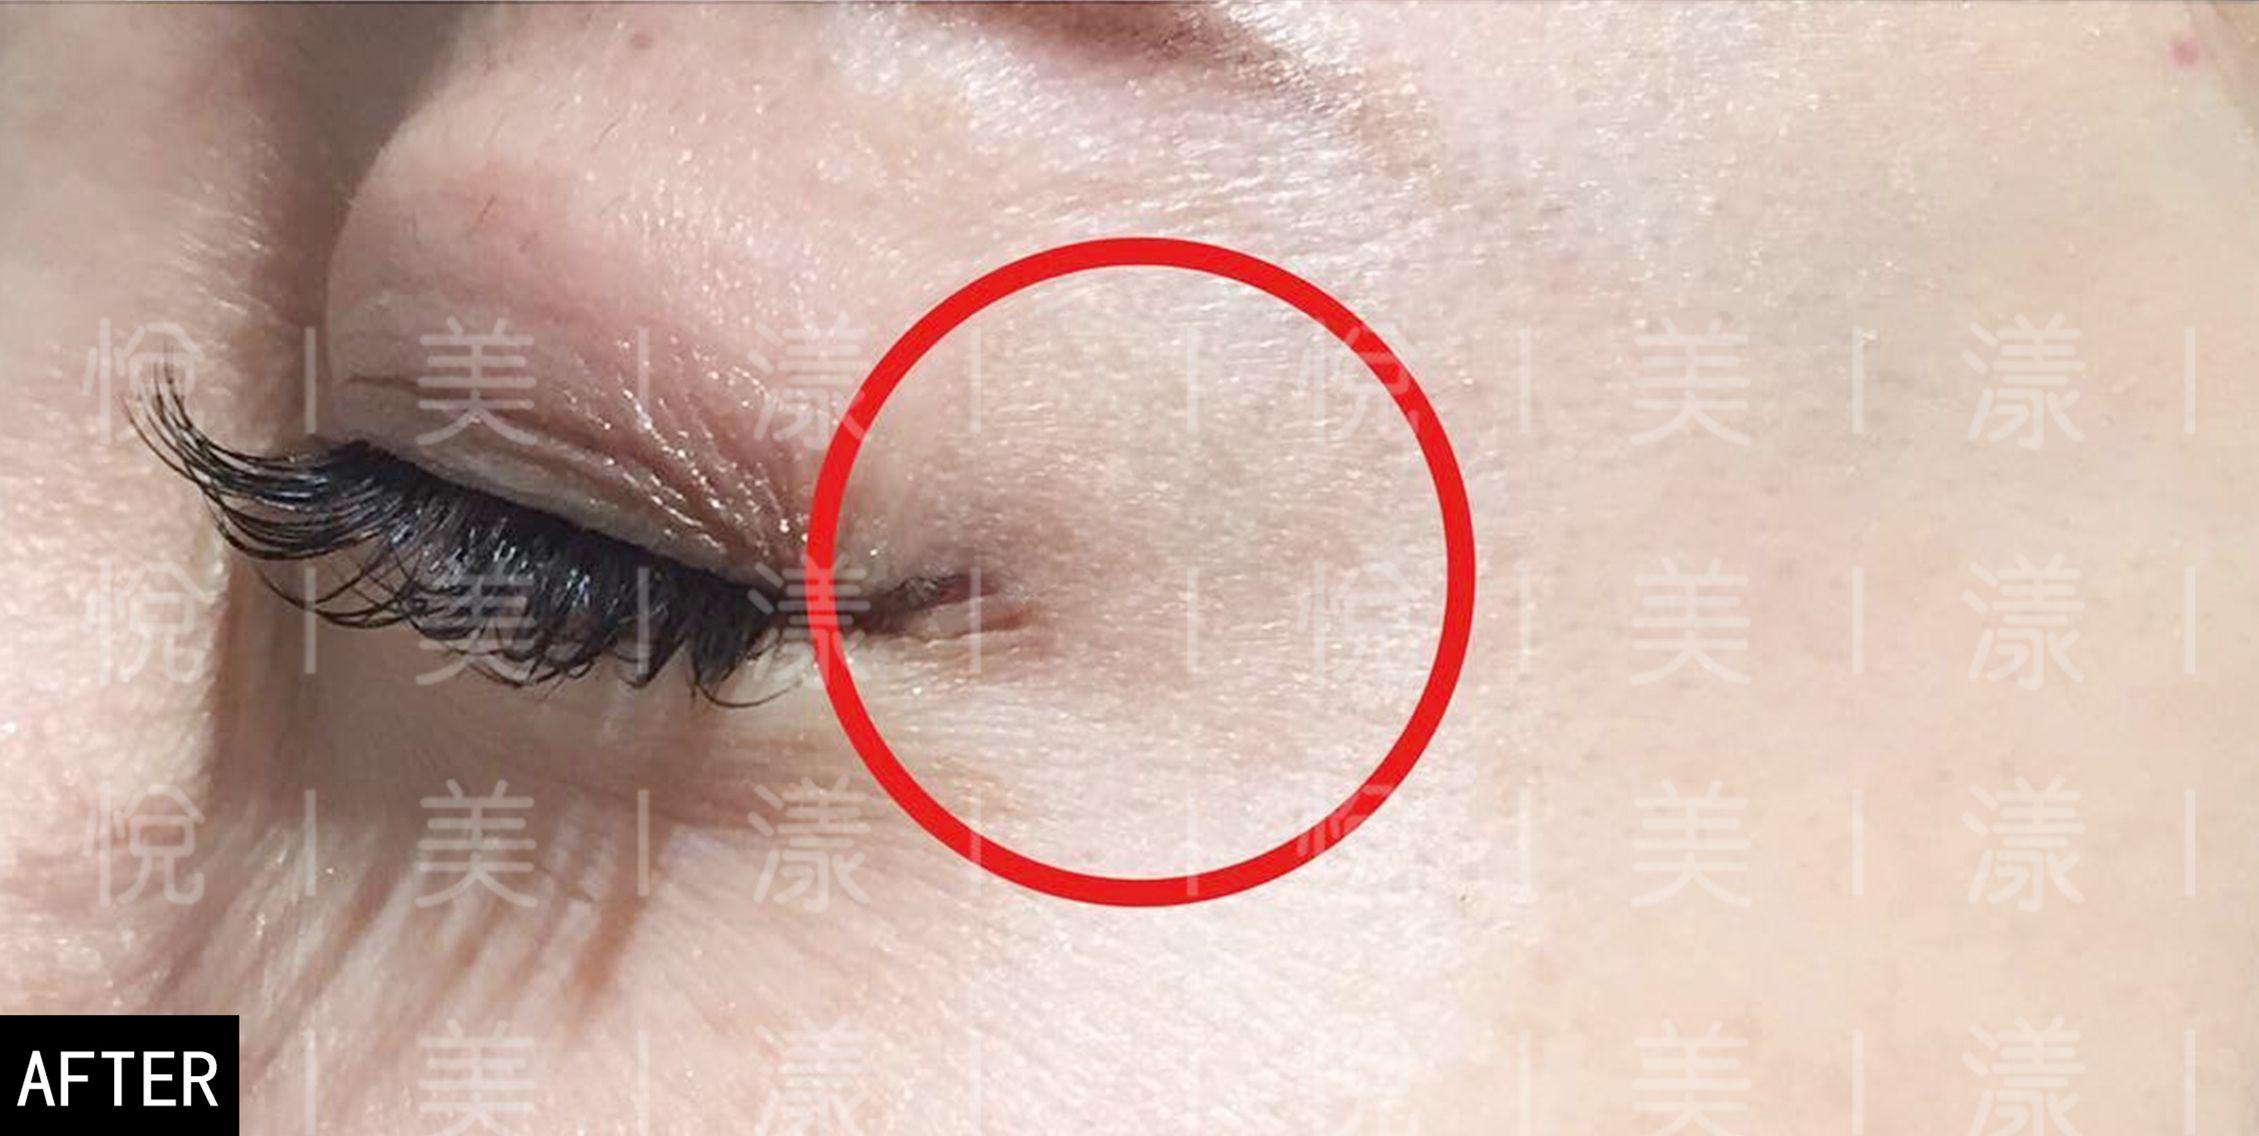 眼部皱纹、眼袋明显,眼眶开始凹陷,上眼皮下垂,眼角下垂,眼神变得黯淡无光,眼部呈现老态。 热玛吉电波眼是取代传统的眼部手术,告别恢复期长,恢复期体感较差,注射又担心材料等问题,目前医学美容市场上能够不需要手术和注射就可以祛除眼周皱纹,实现眼周年轻化,0创伤,0恢复期的治疗方法。